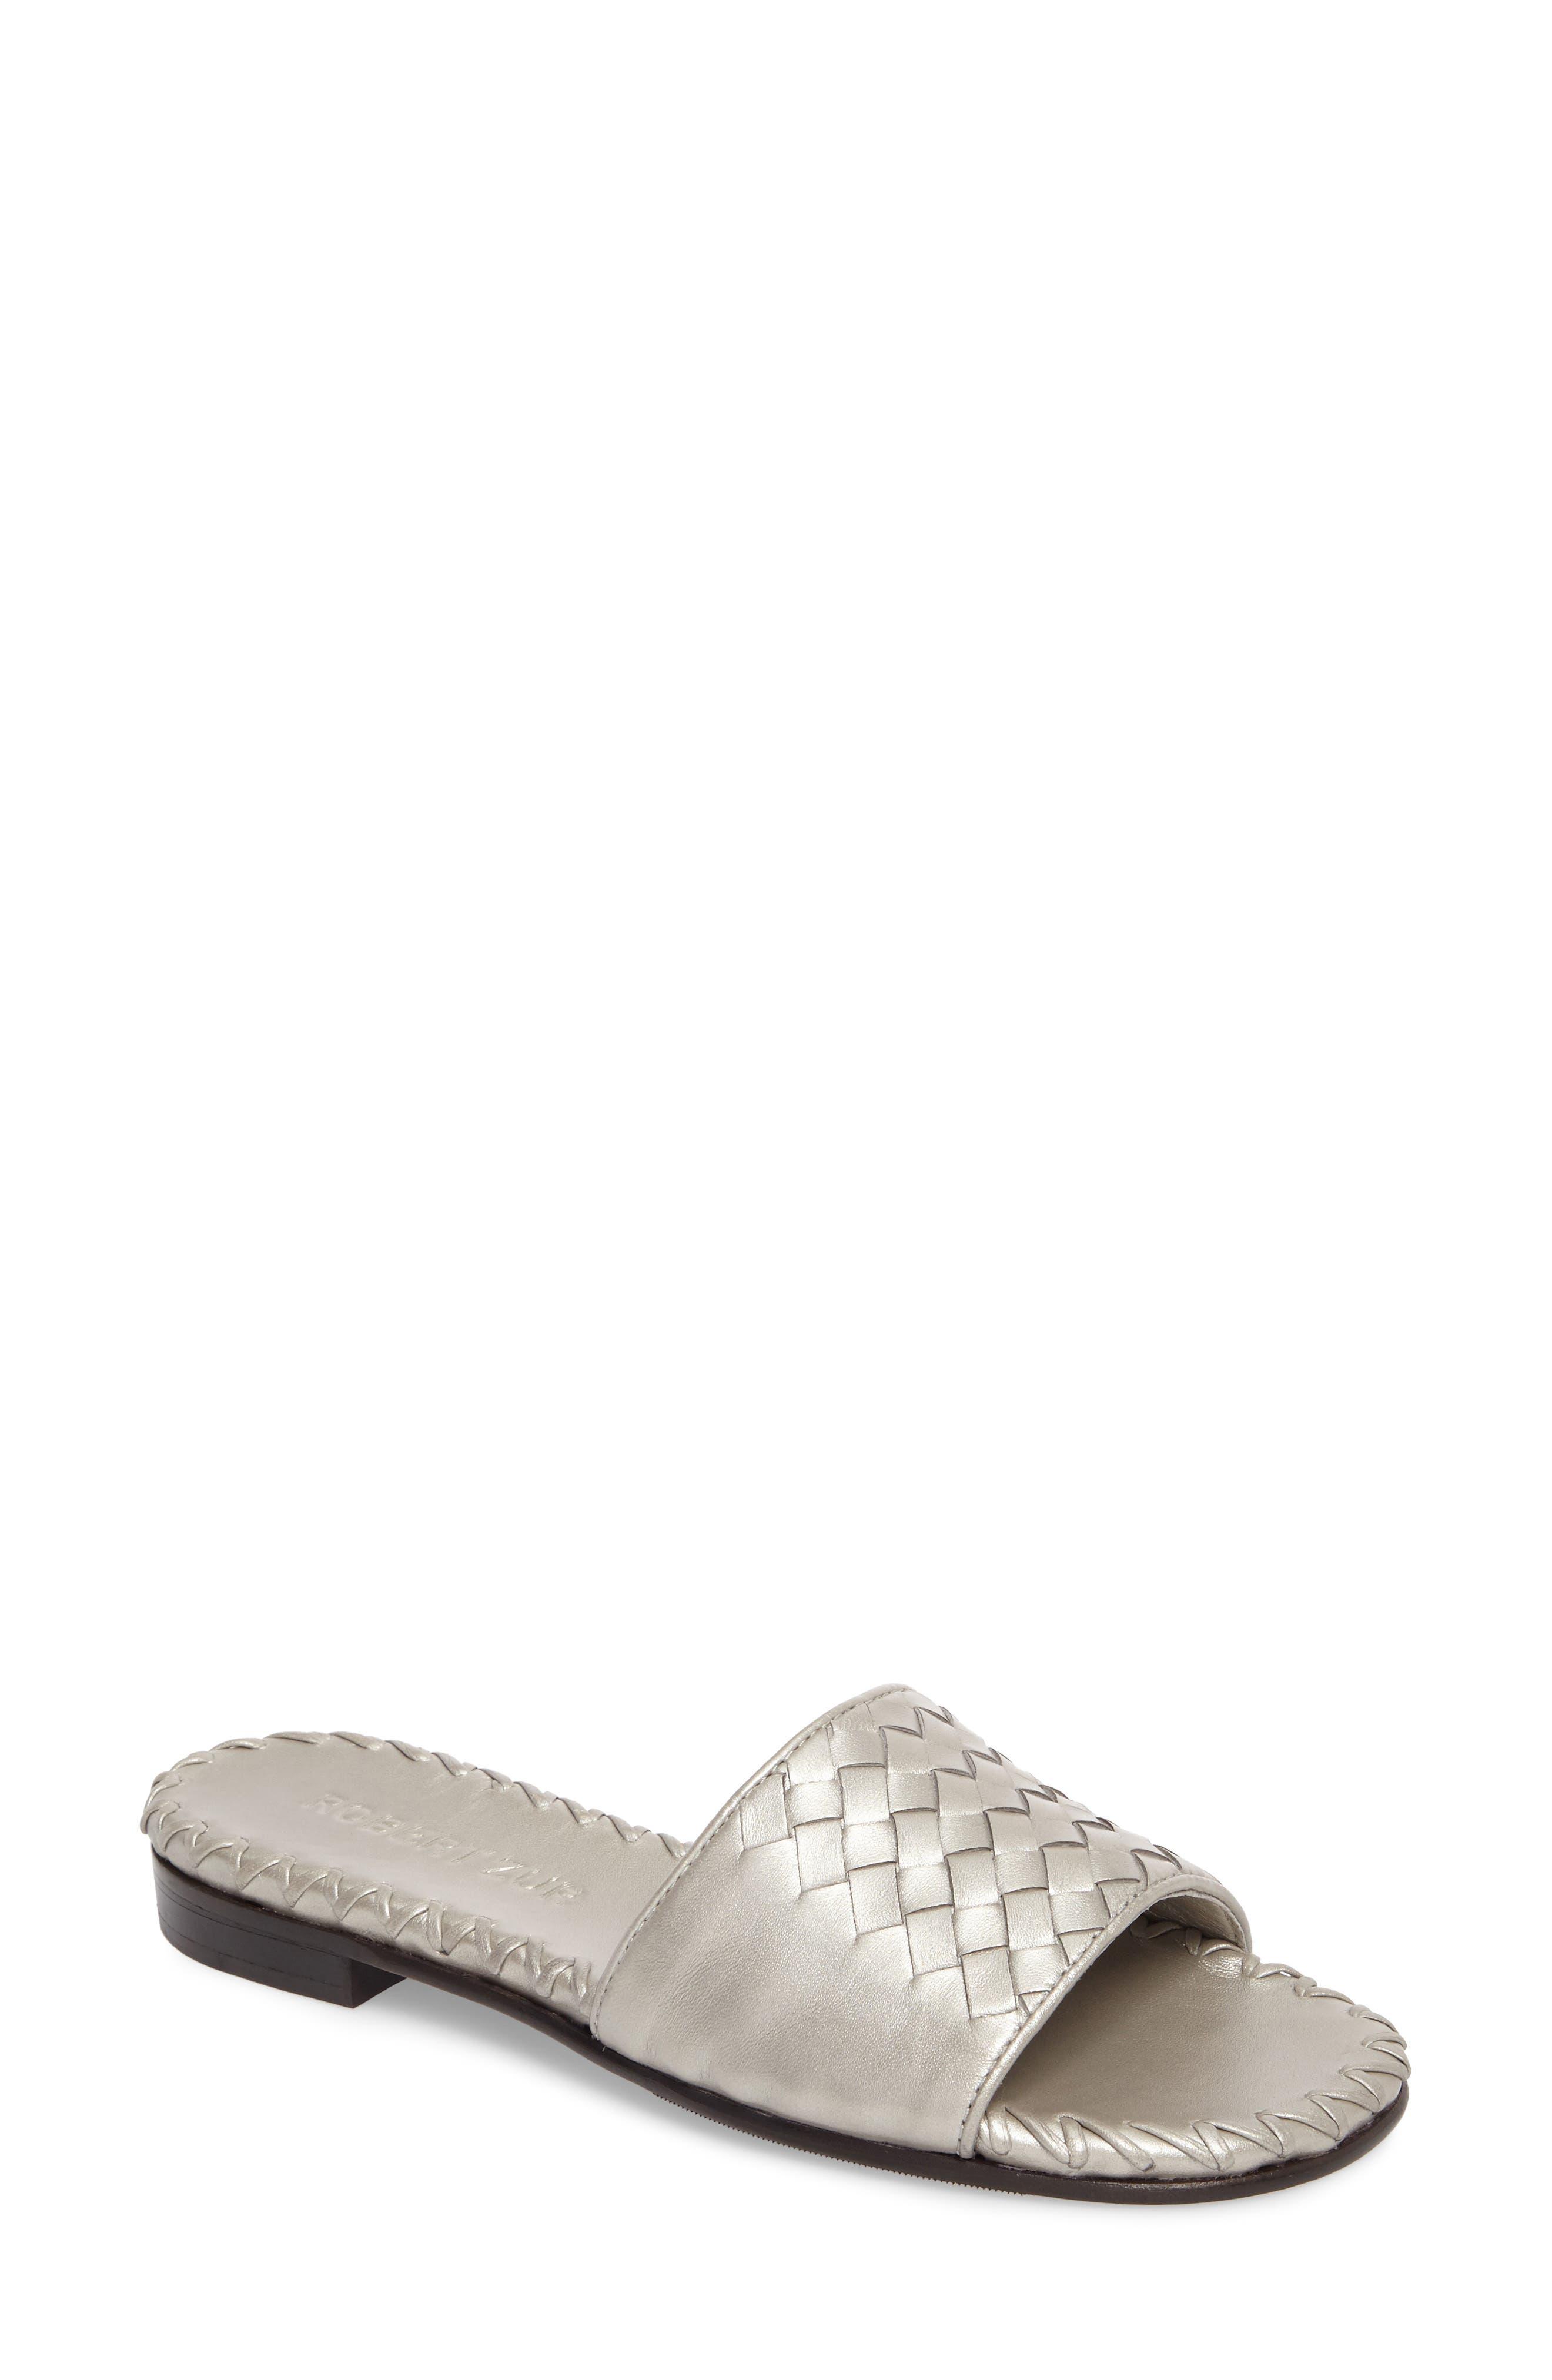 Matilda Woven Slide Sandal,                             Main thumbnail 1, color,                             Silver